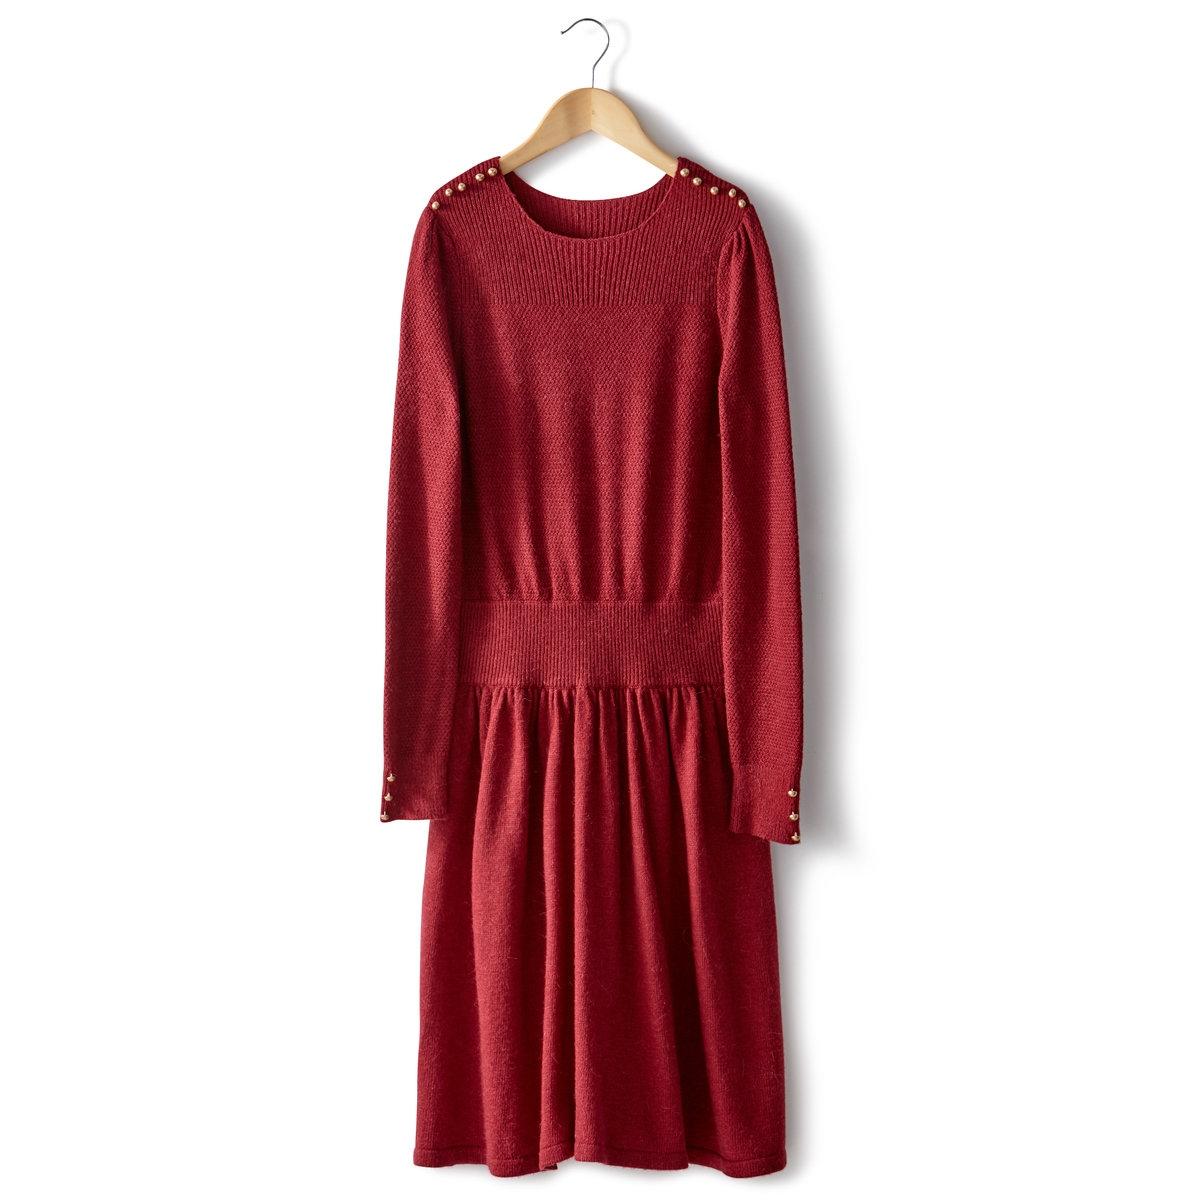 Платье из трикотажаПлатье из трикотажа: 50% полиамида, 45% вискозы, 5% шерсти альпаки. Трикотаж с точечным узором над поясом. Присборенная талия. Длинные рукава. Верх рукавов со складками. Вырез, манжеты и пояс связаны резинкой. Декоративные пуговицы золотистого цвета на плечах и манжетах. Длина миди 97 см.<br><br>Цвет: темно-красный<br>Размер: 42/44 (FR) - 48/50 (RUS)